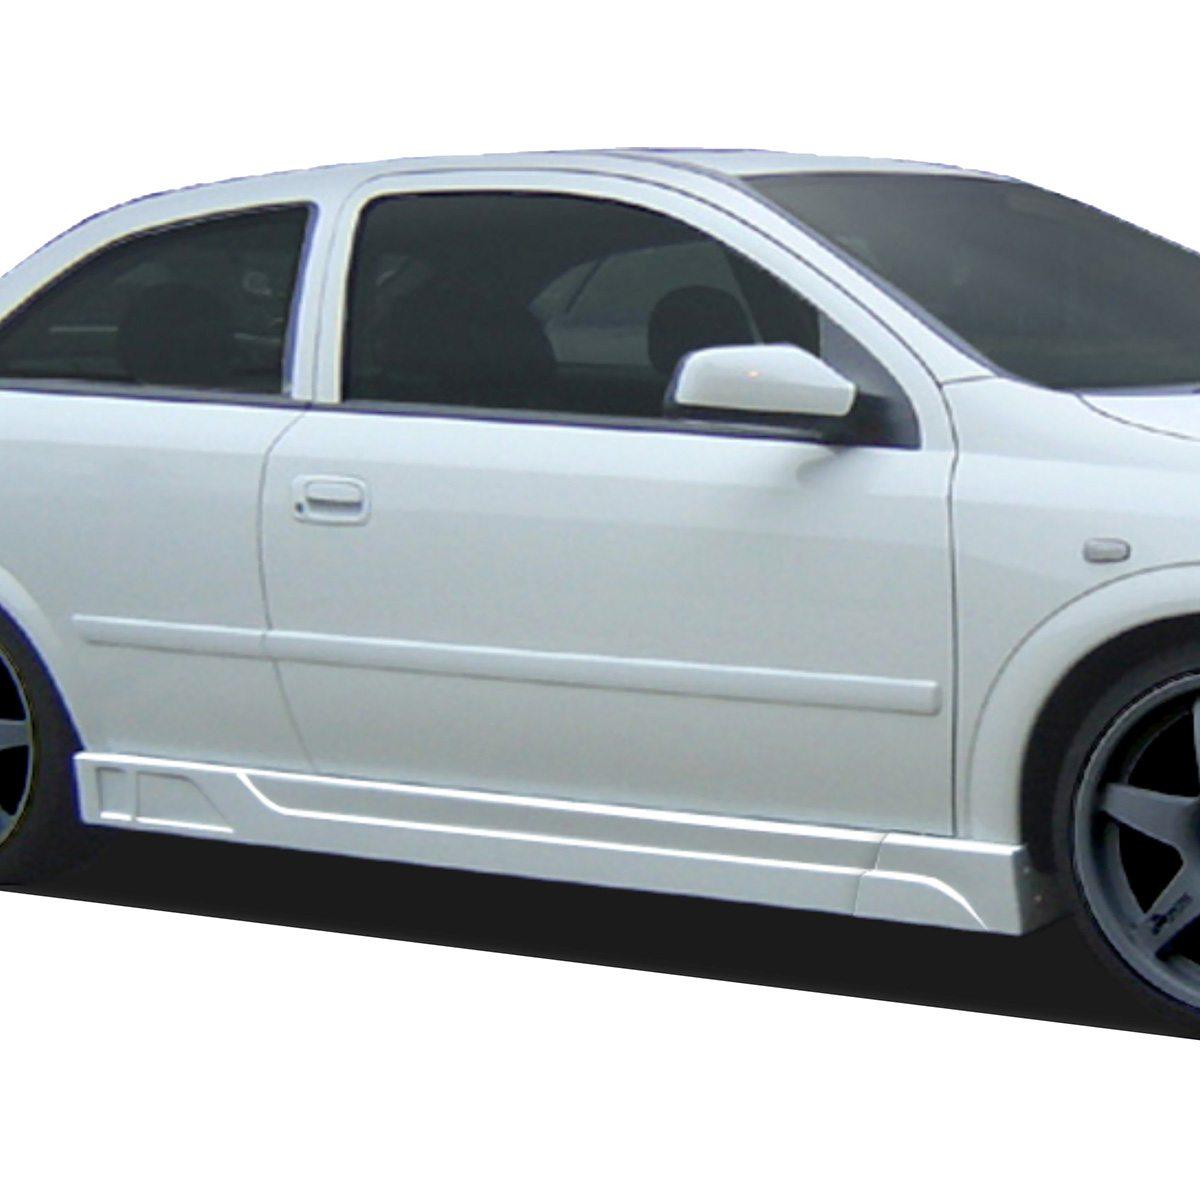 Opel-Astra-G-Pyton-Emb-EBU0415